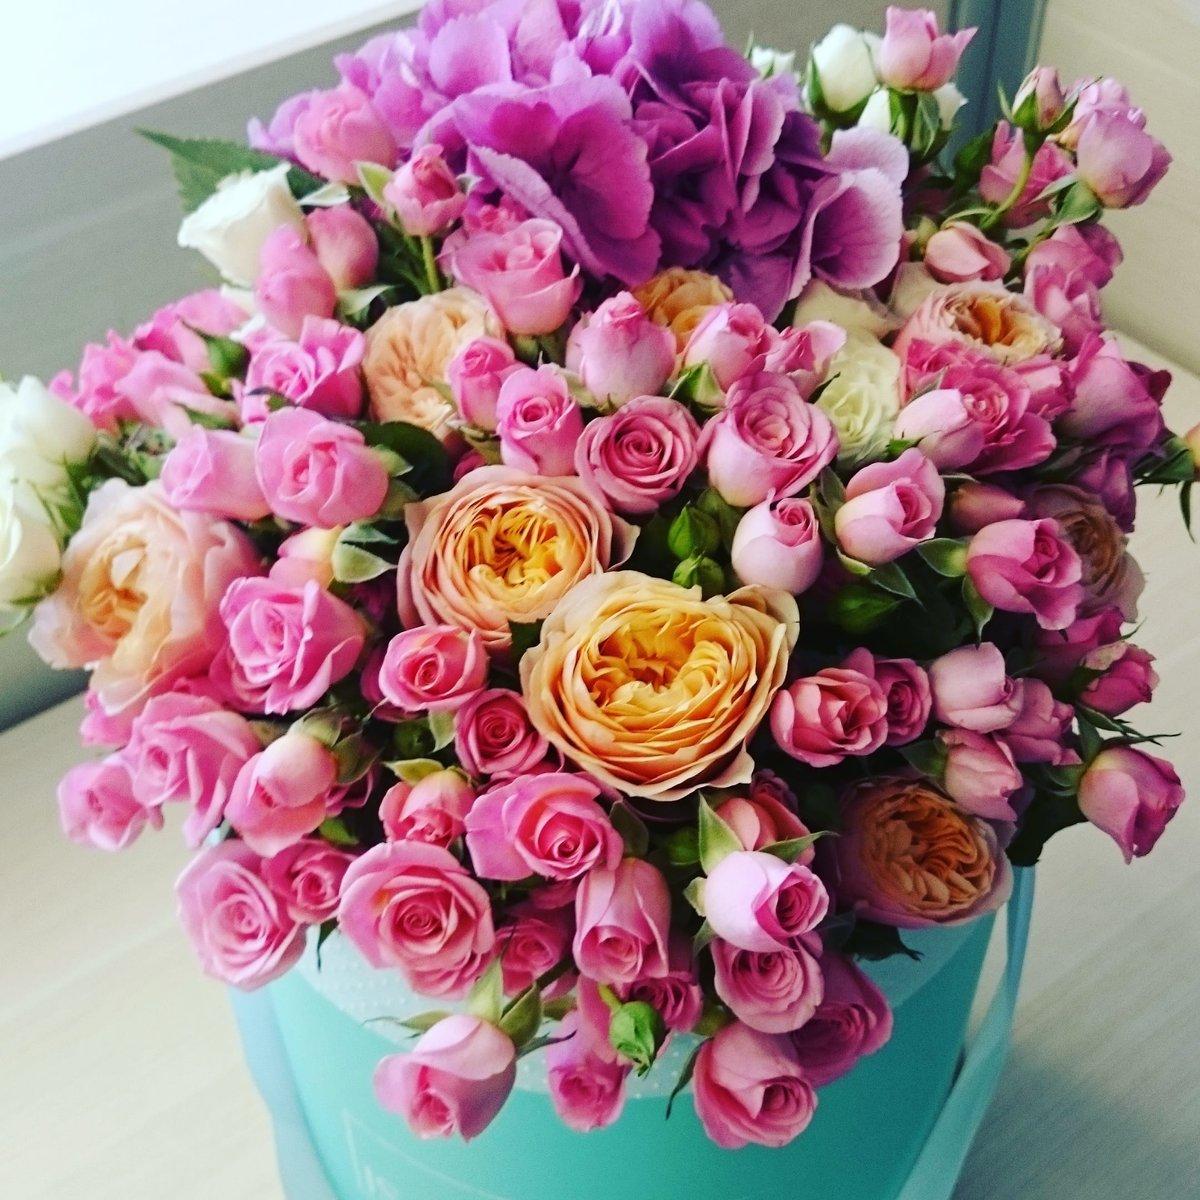 Поздравление открытка, картинки с днем рождения красивый букет цветов